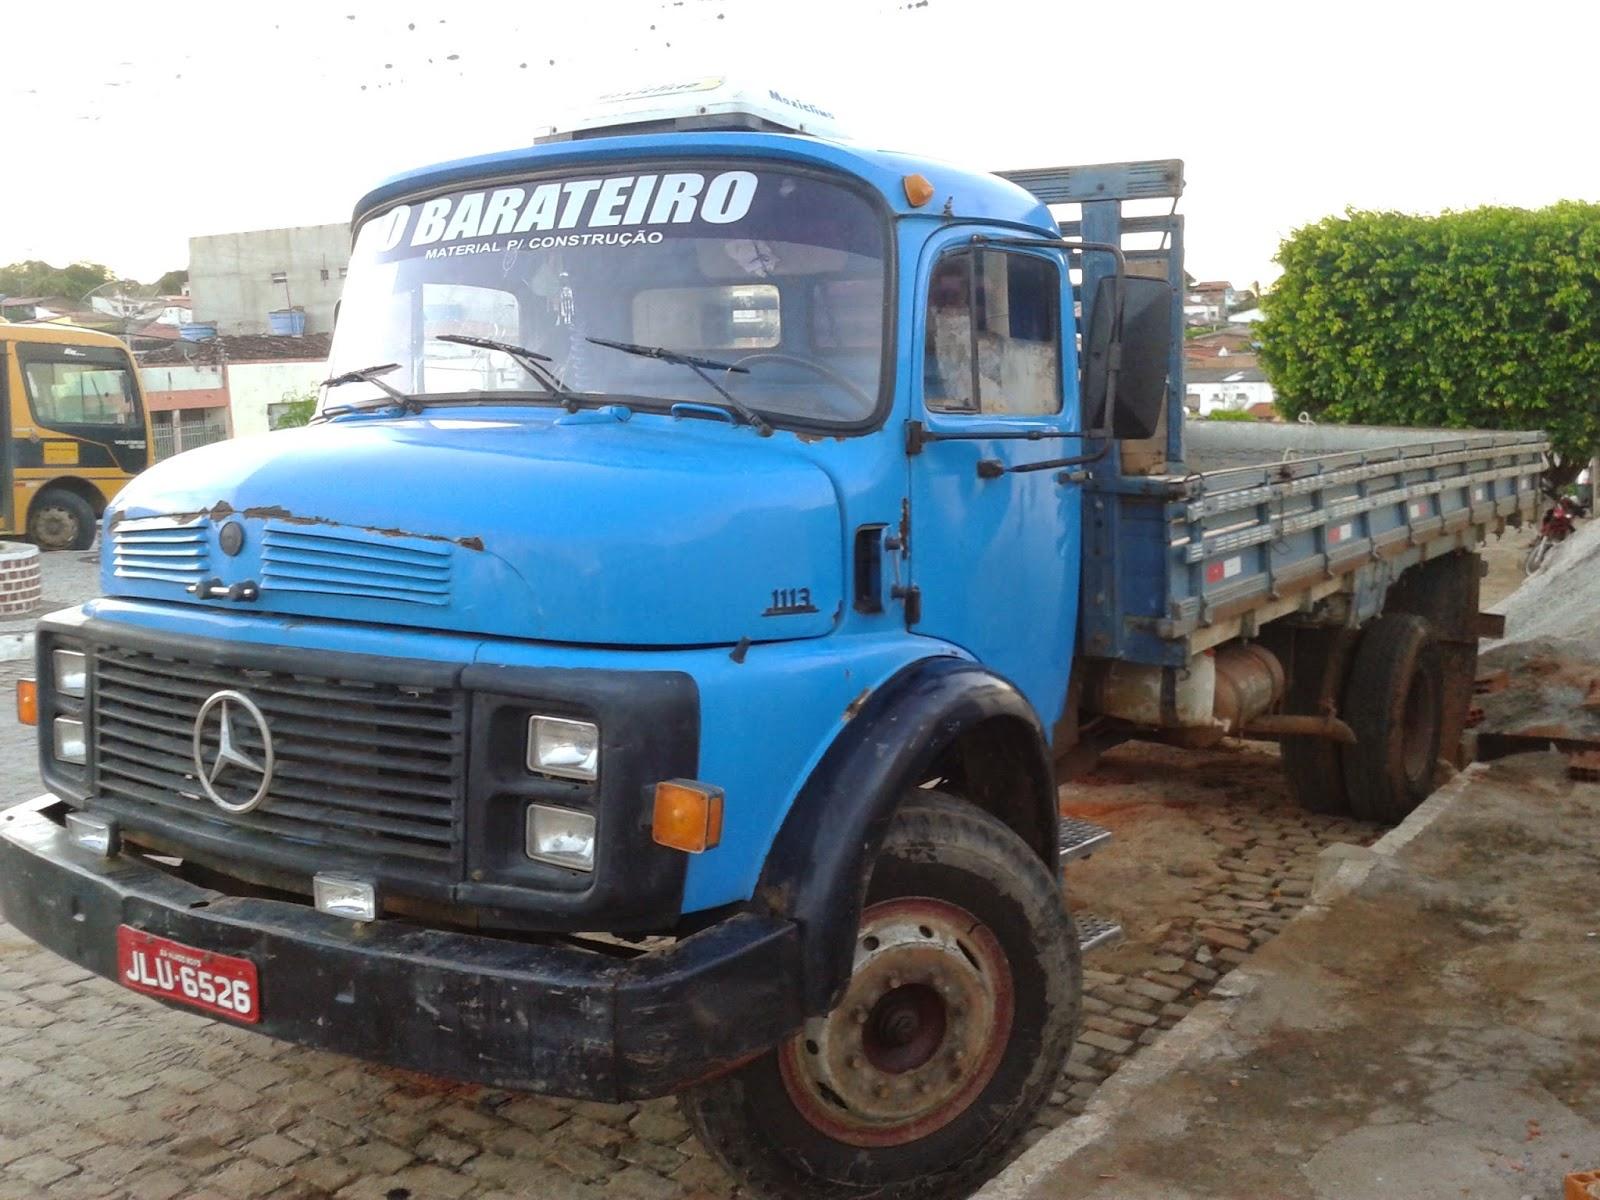 Vende-se um caminhão 1113, em Mairi